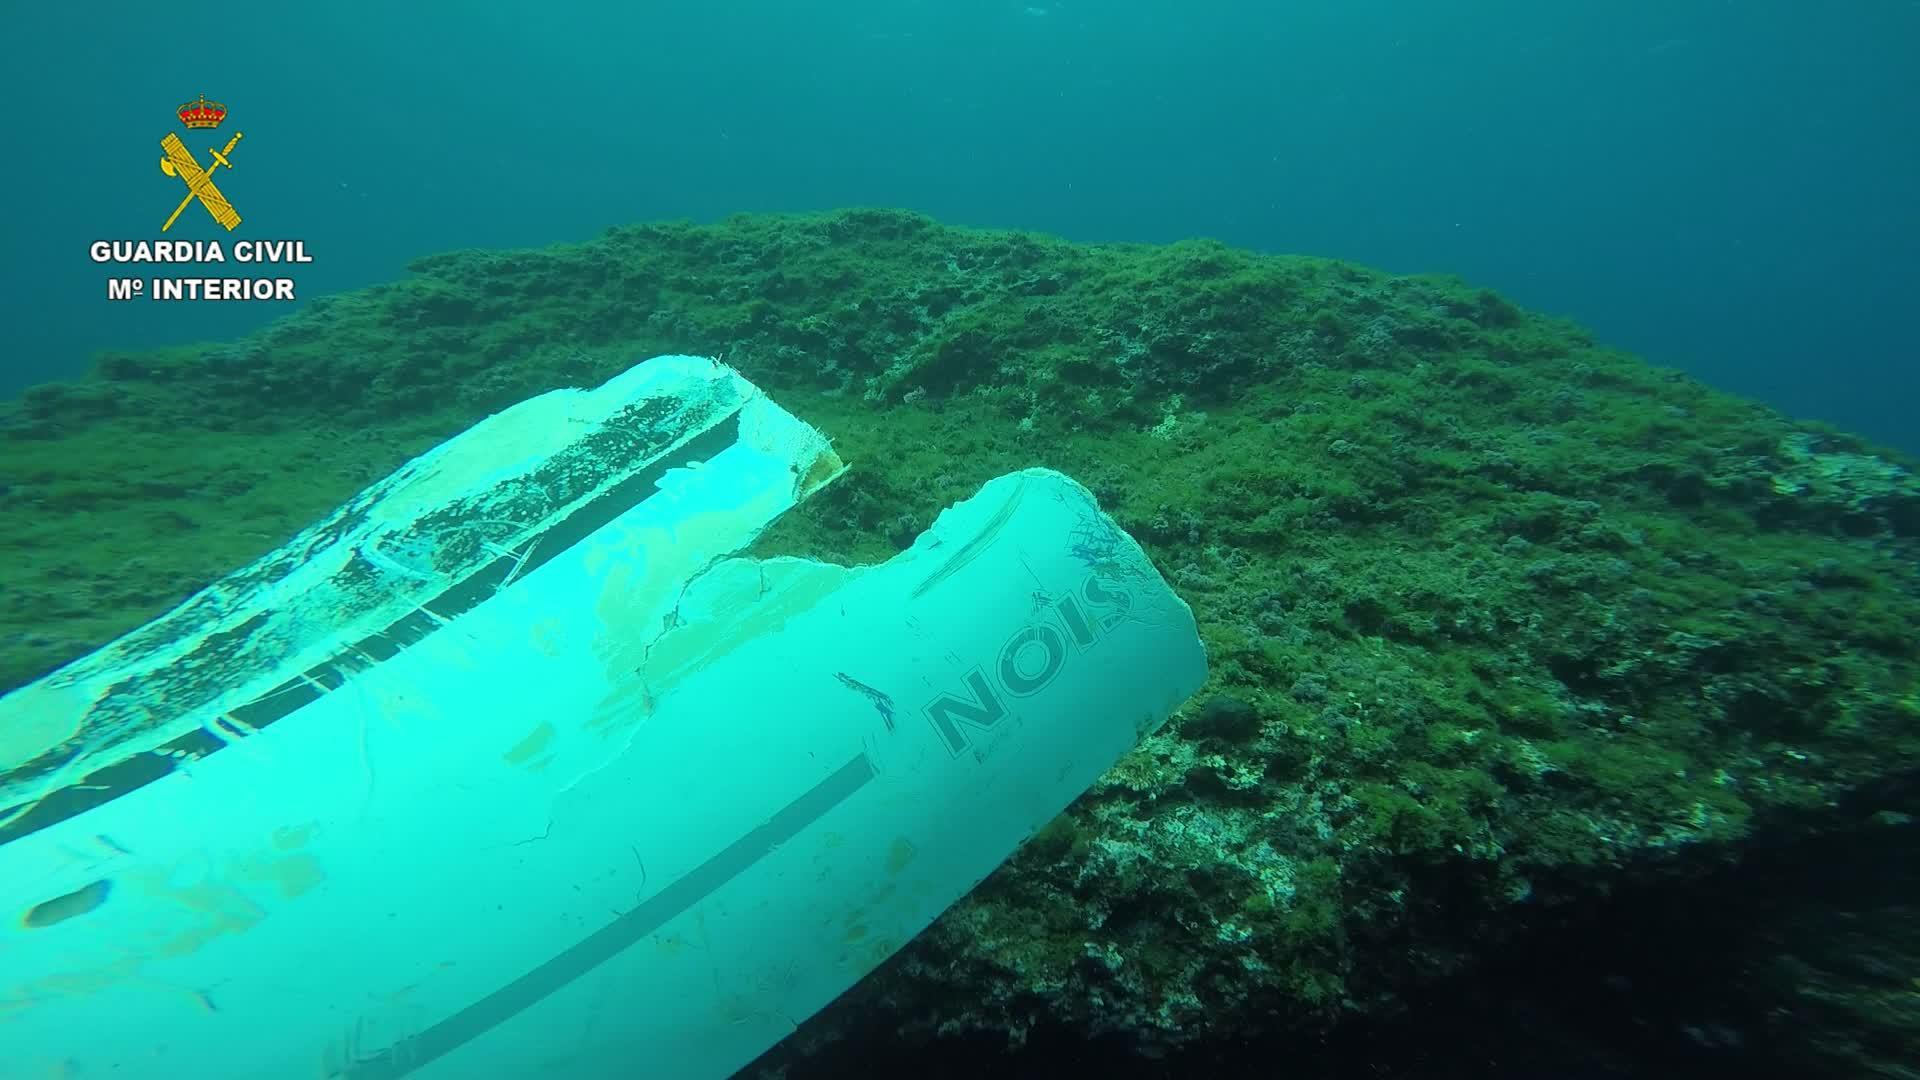 El casco hundido encontrado este martes en Cala Sant Vicenç coincide con la matrícula del velero desaparecido